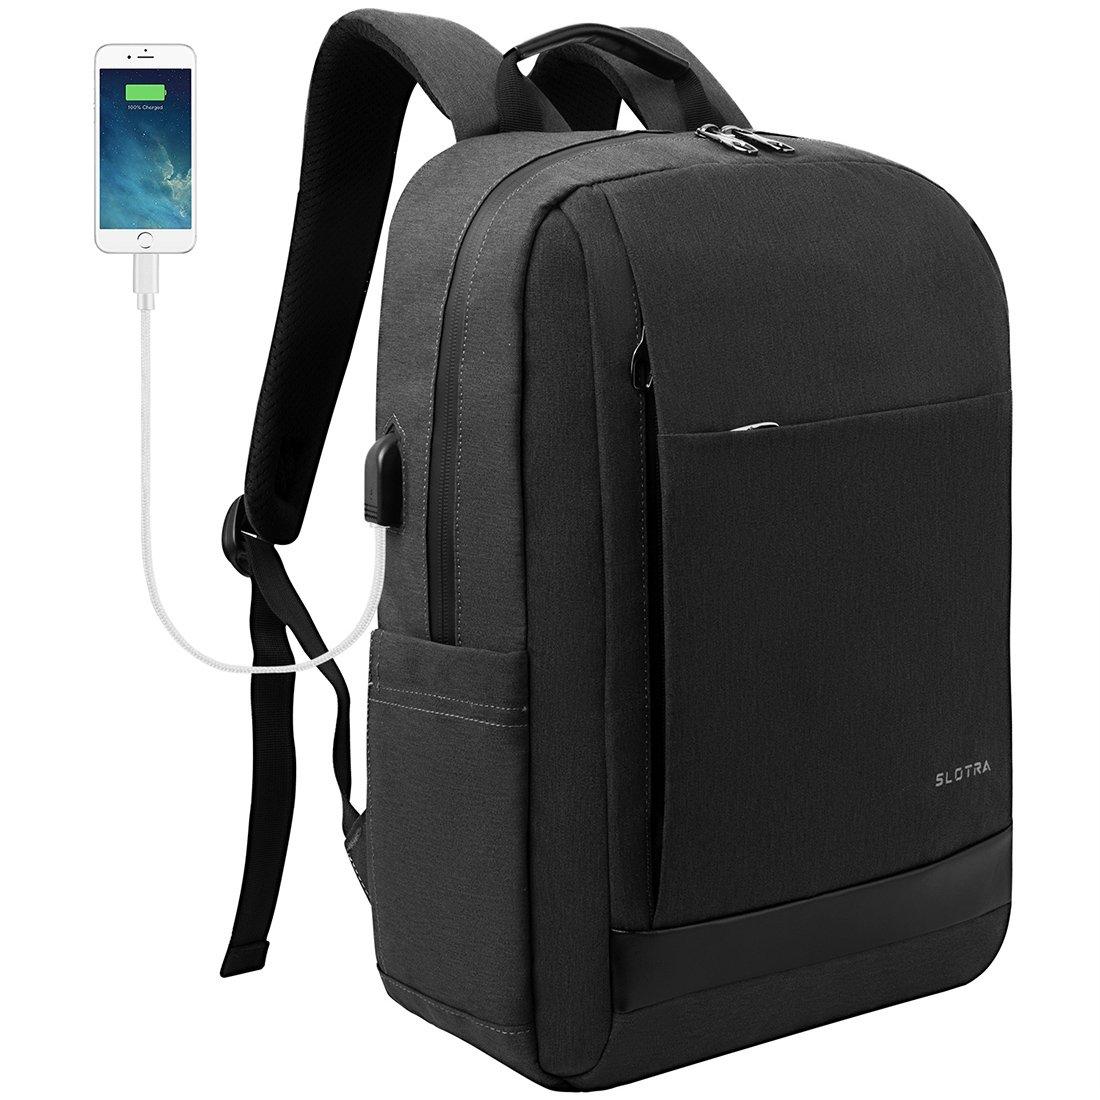 c90f5344ea Slotra Sac à dos pour ordinateur portable étanche Business Sac à dos avec  port de chargement USB ...